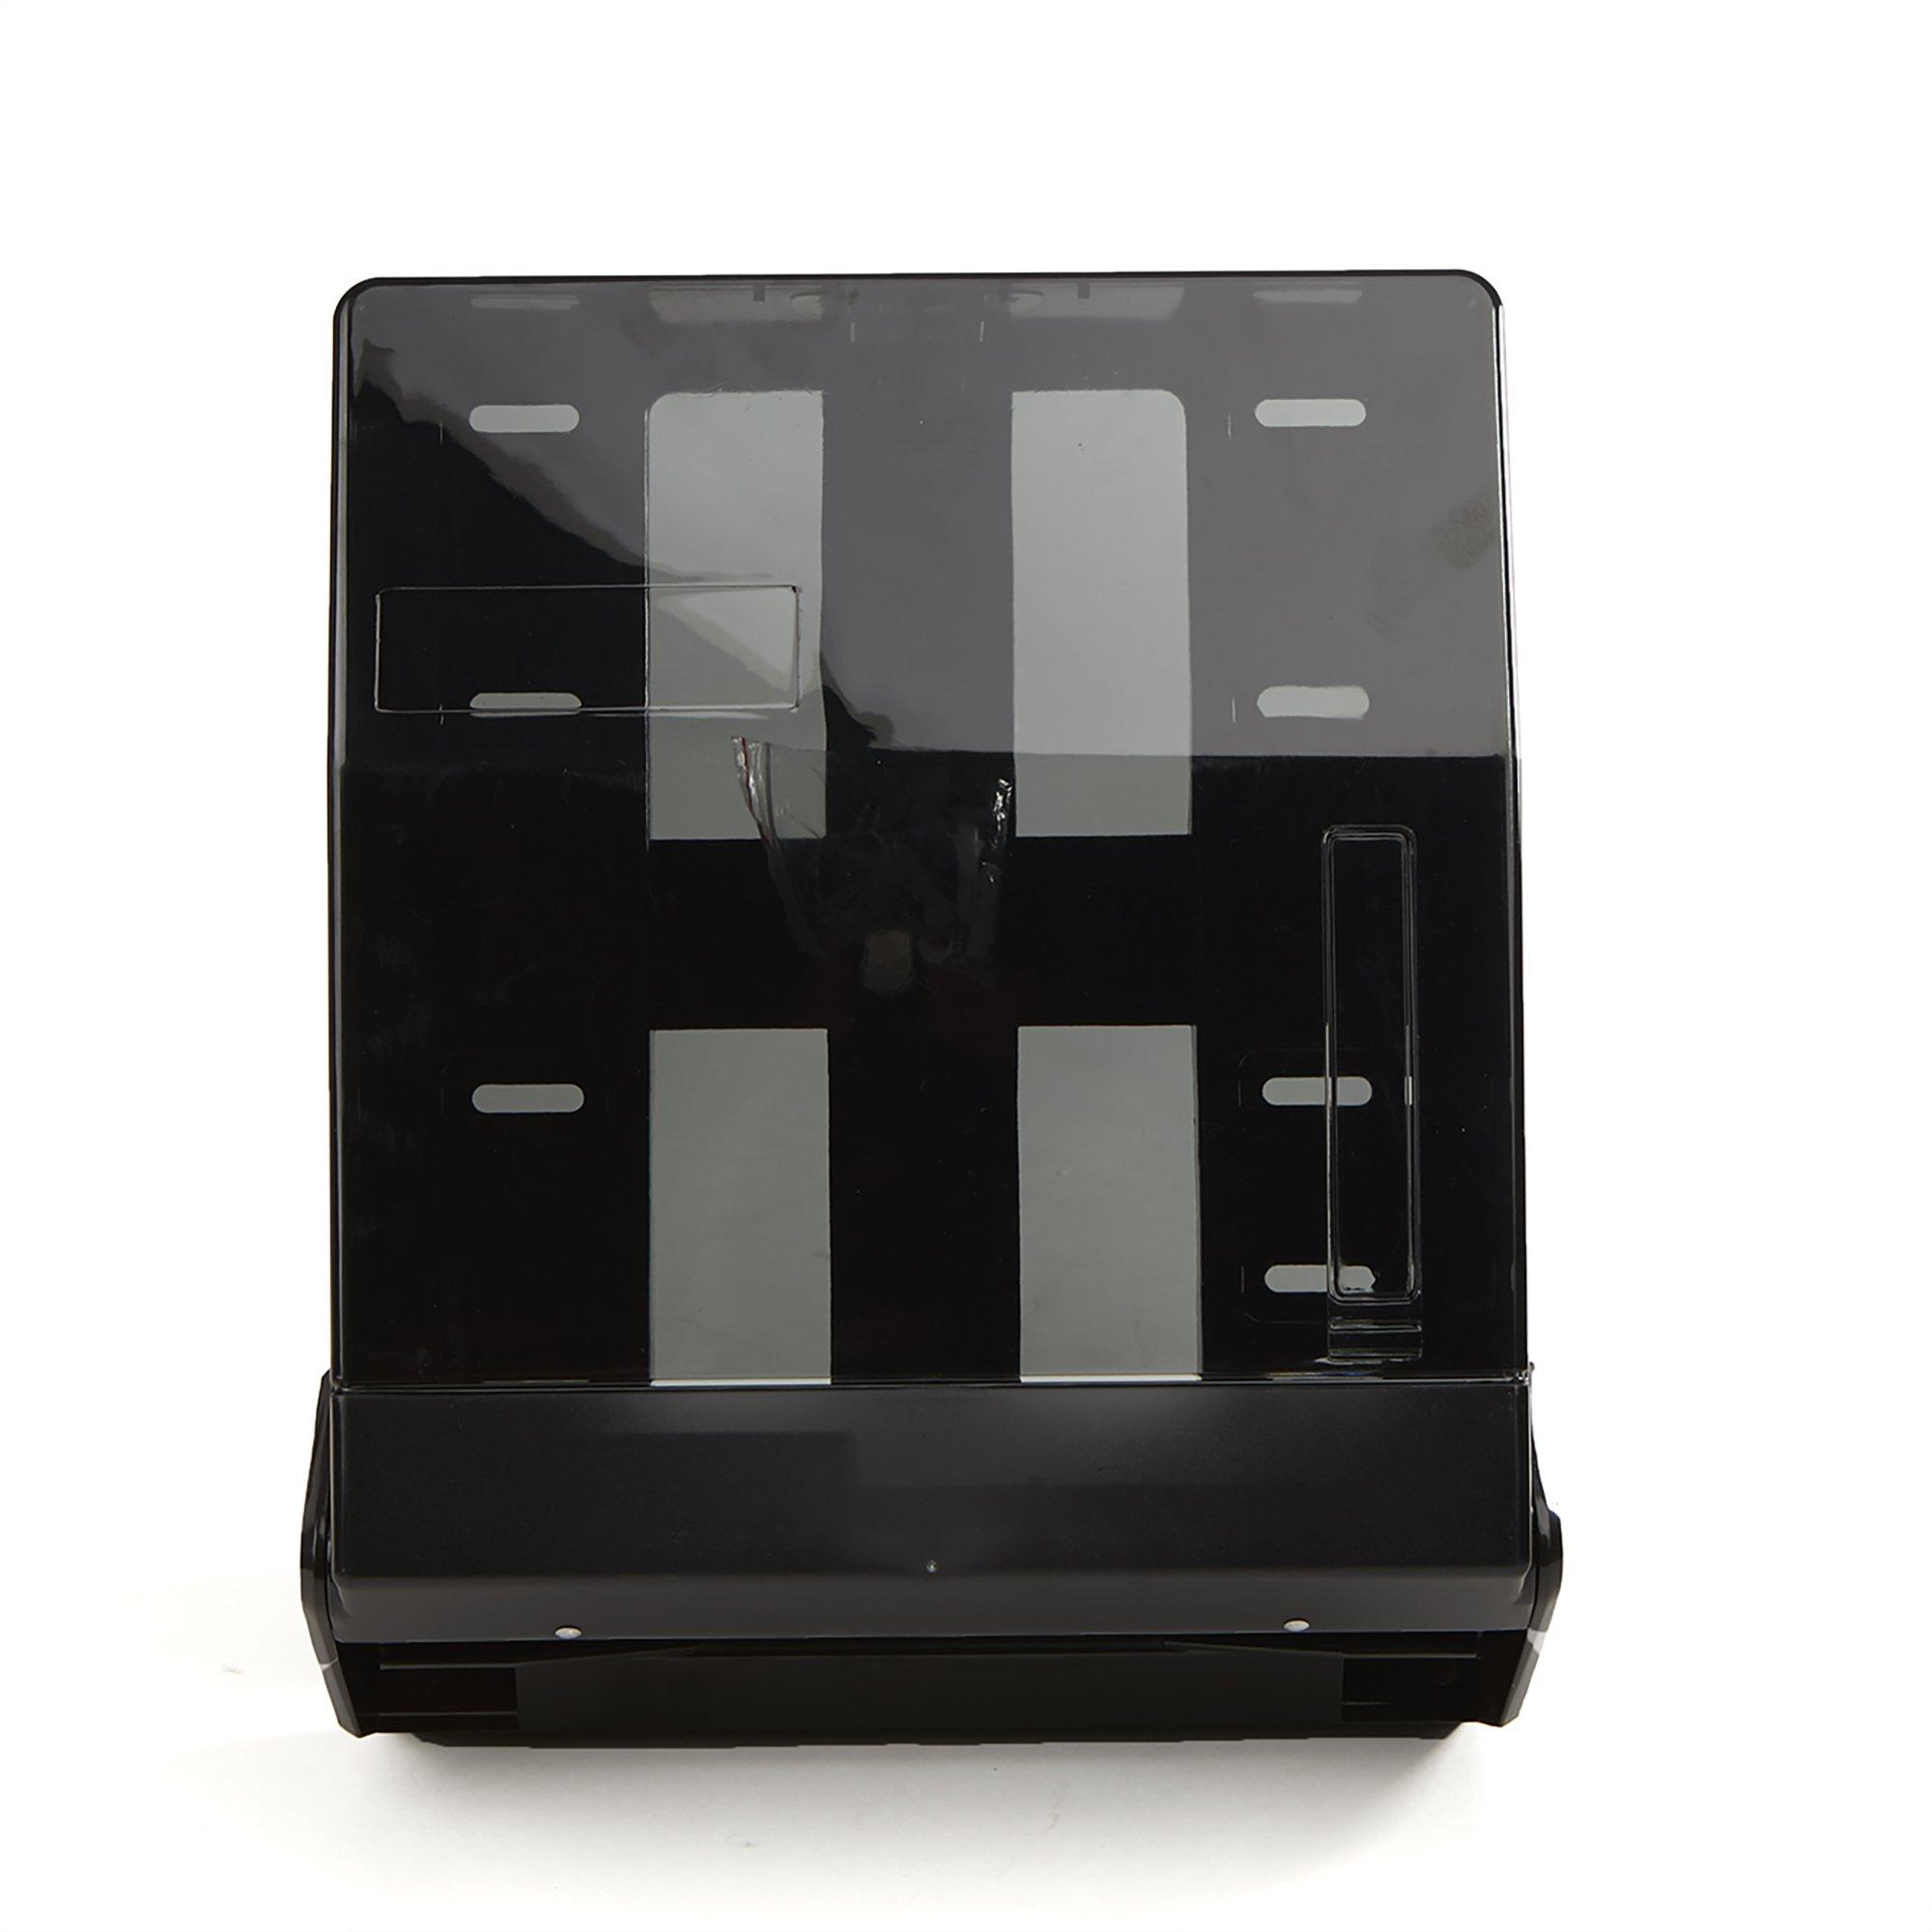 Mind Reader Translucent C-Fold or Multifold Paper Towel Dispenser, Paper Towel Holder, 5'' L x 11.25'' W x 13.75'' H